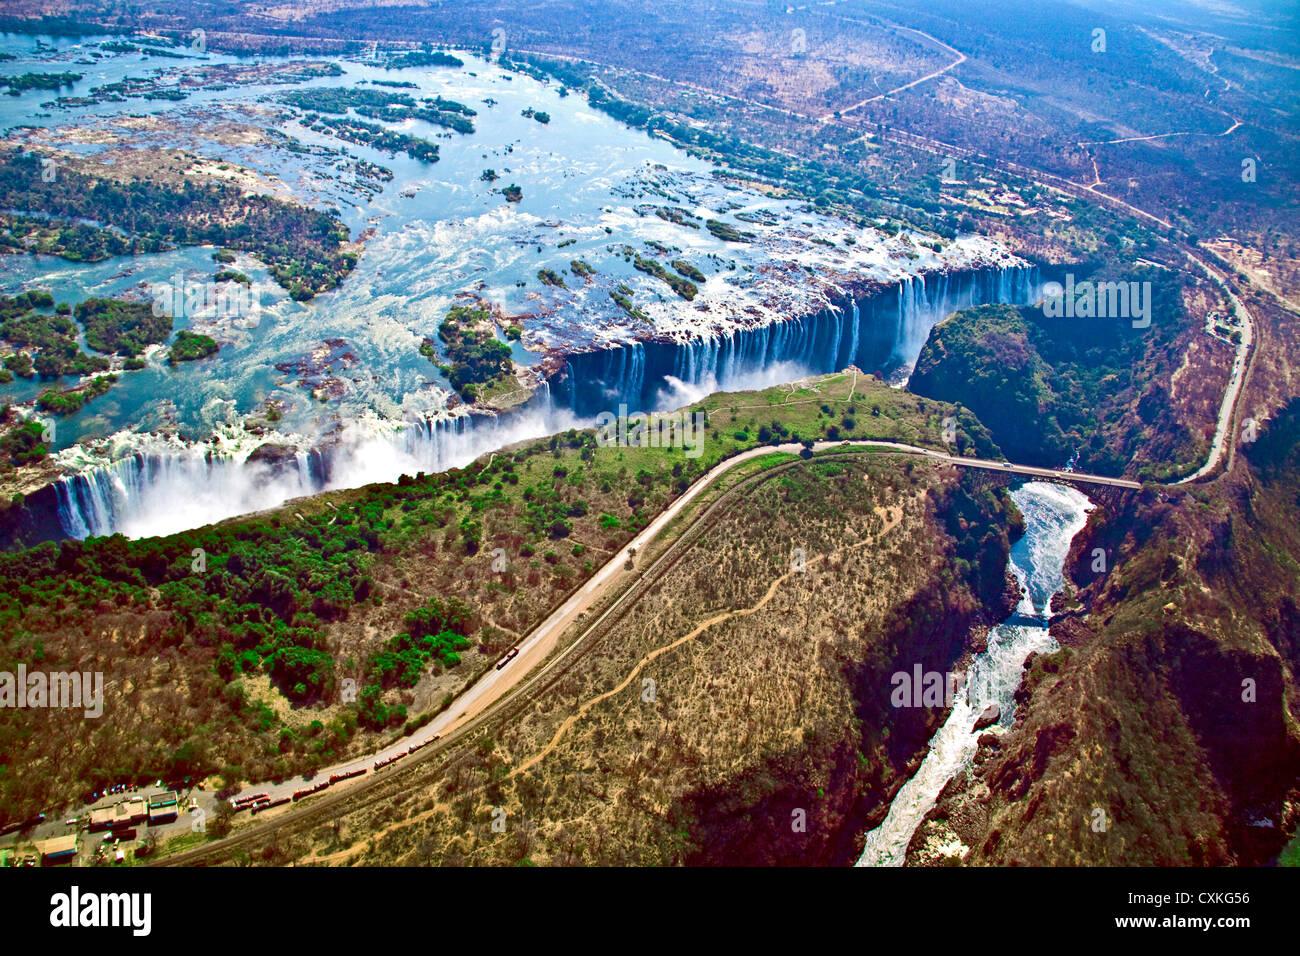 Vista aerea di Victoria Falls, cascata e il fiume Zambesi, Zimbabwe, Africa. Sul confine Zambia-Zimbabwe Immagini Stock